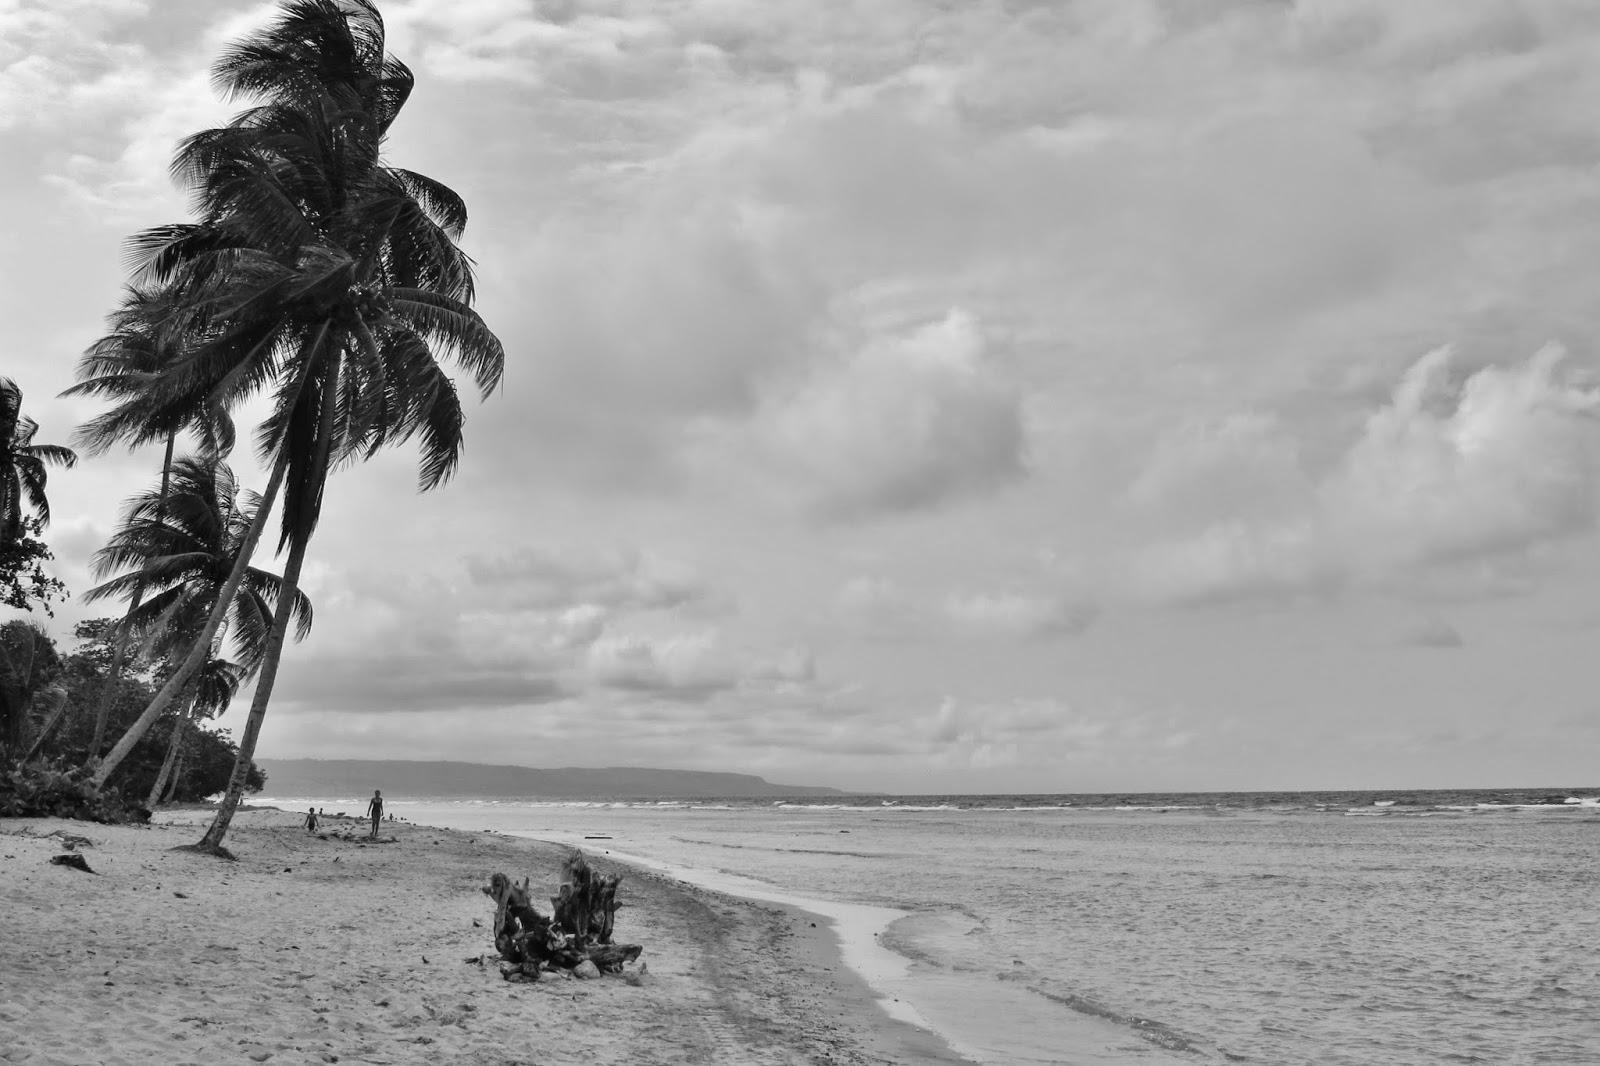 Playa Manglito, próximo à Baracoa, em Cuba.